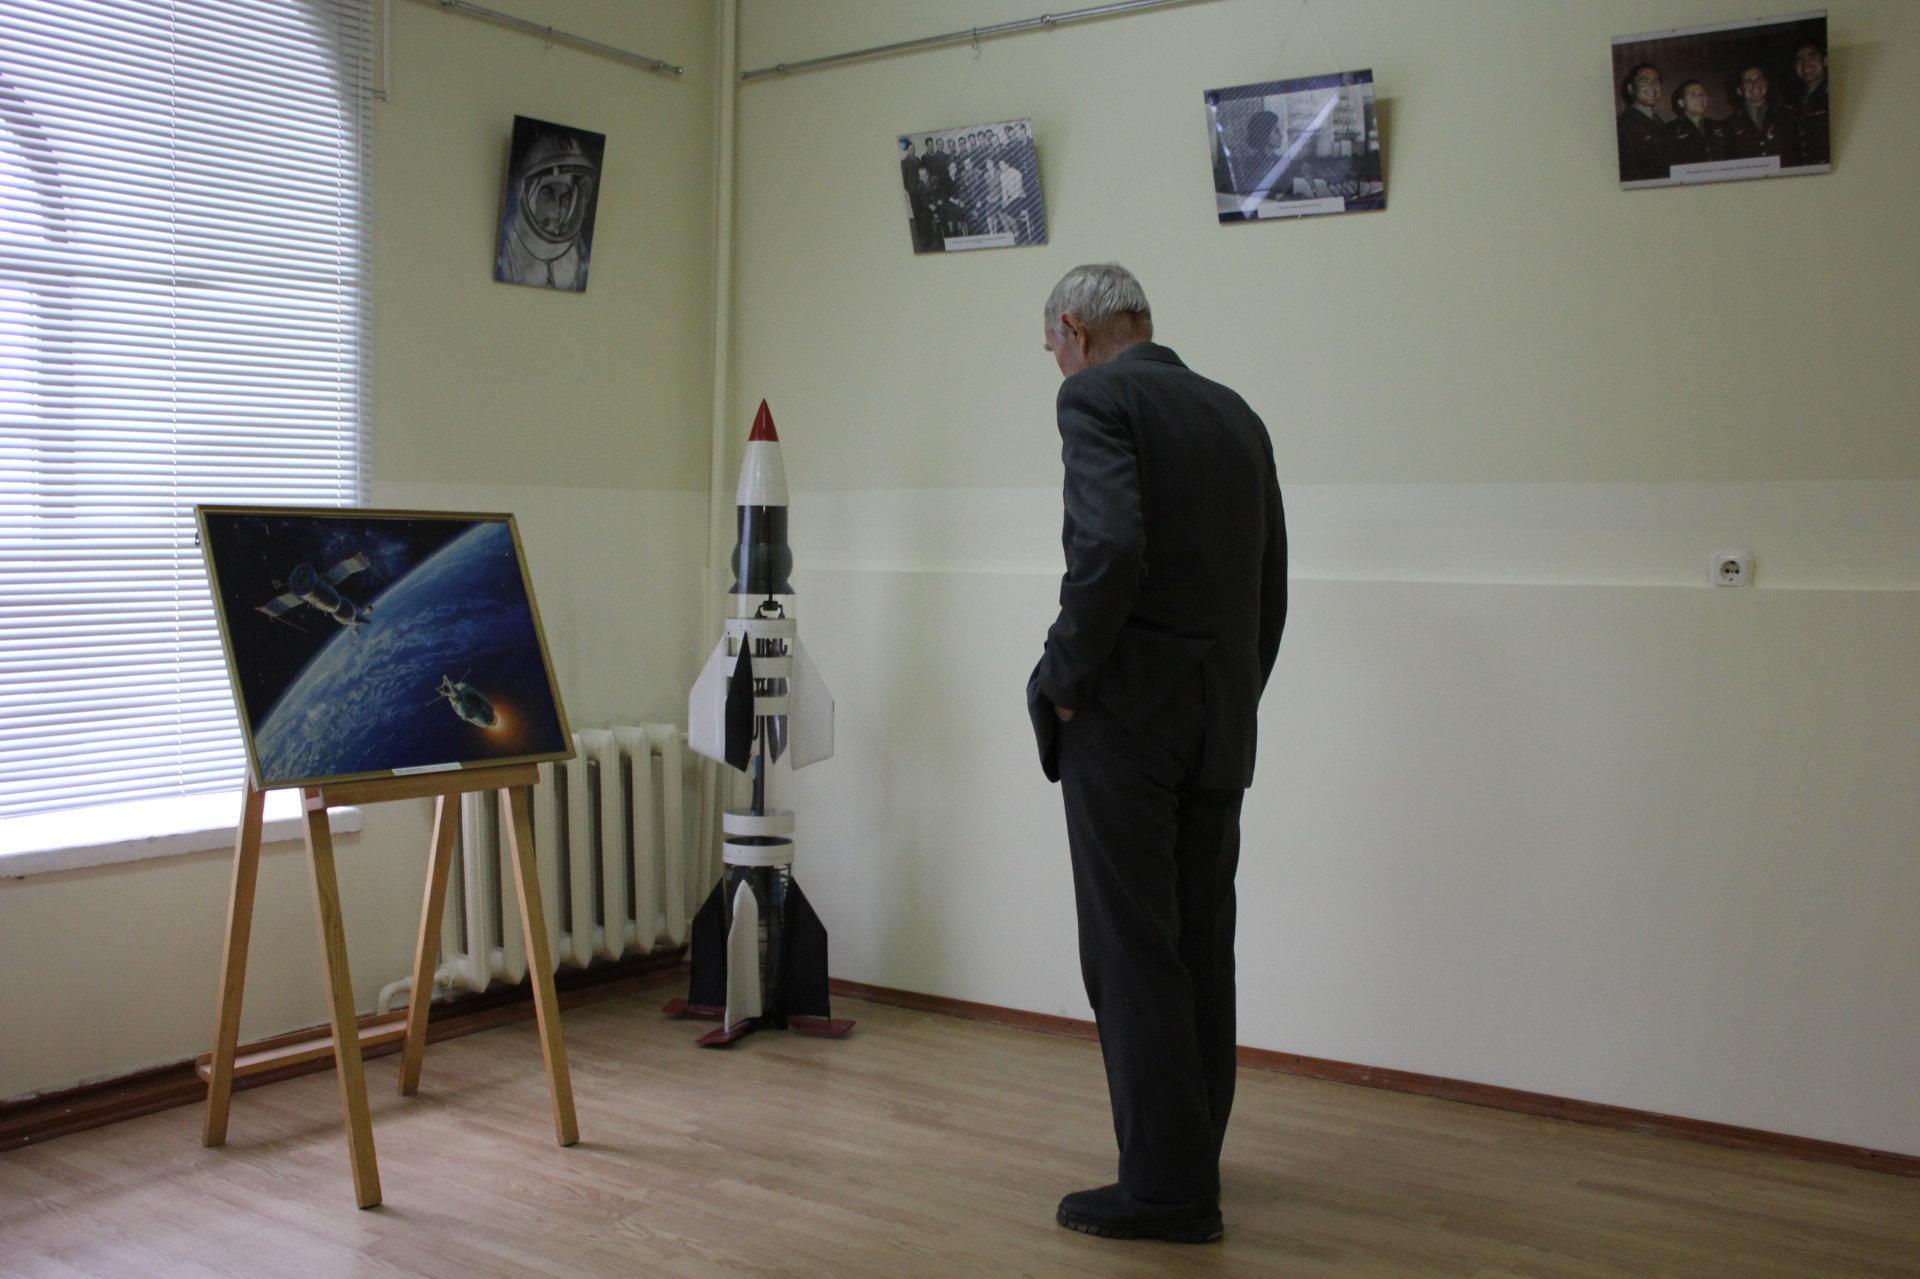 Среди экспонатов не только фото, но и макеты, а также картины